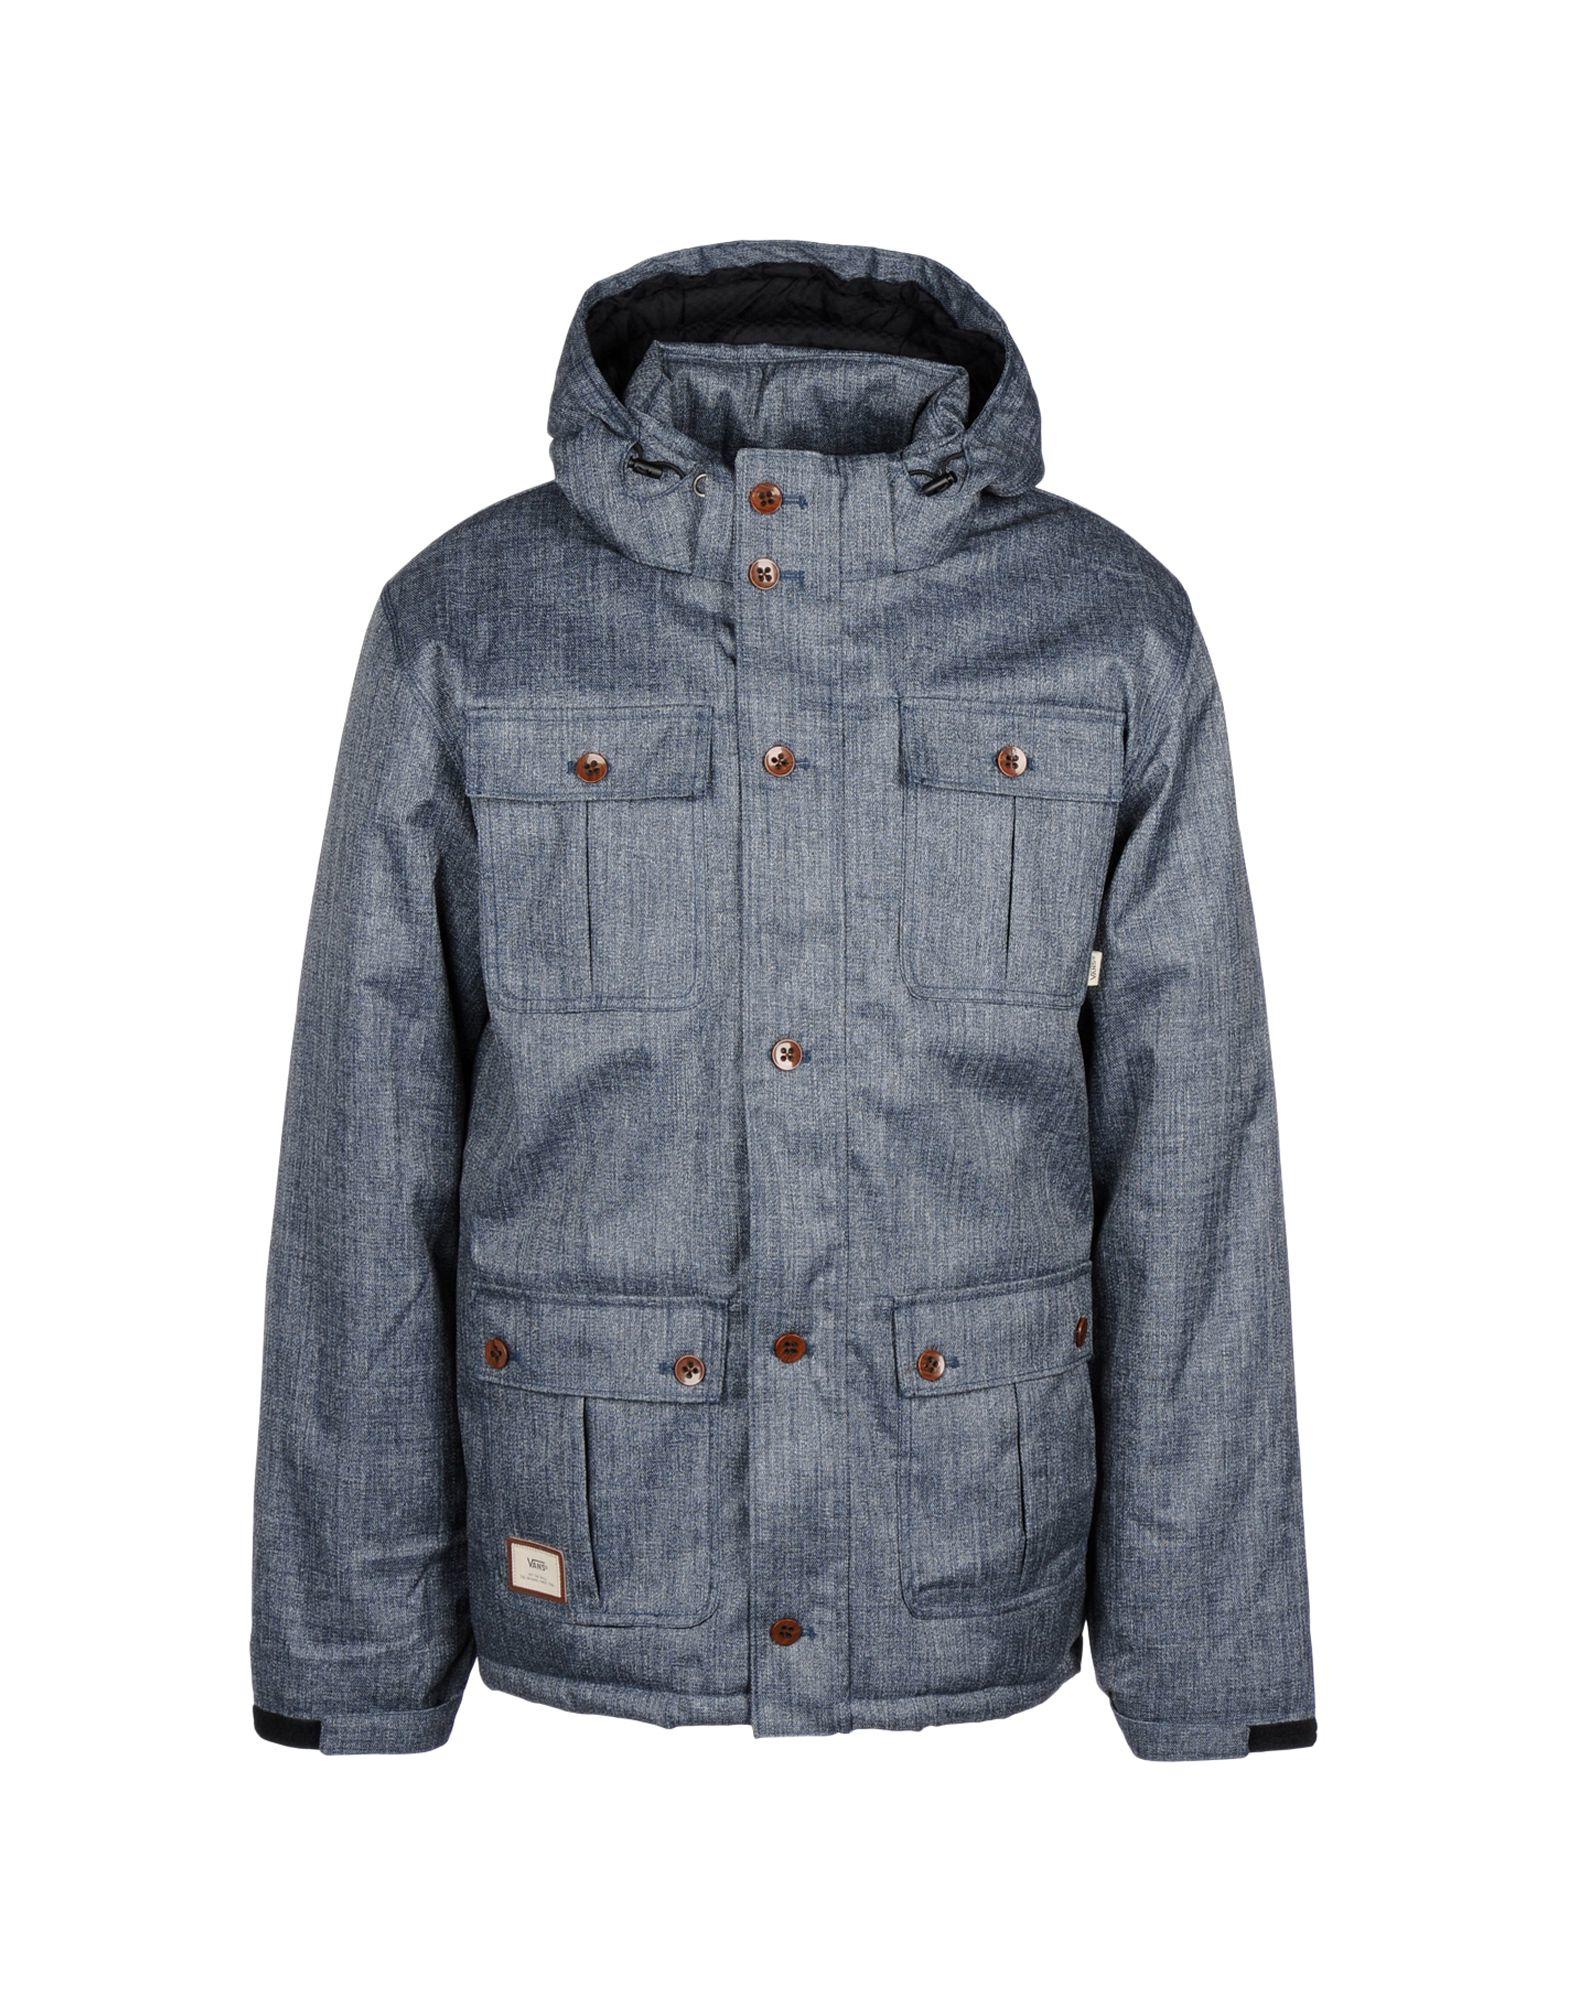 Vans Jacket In Blue For Men | Lyst